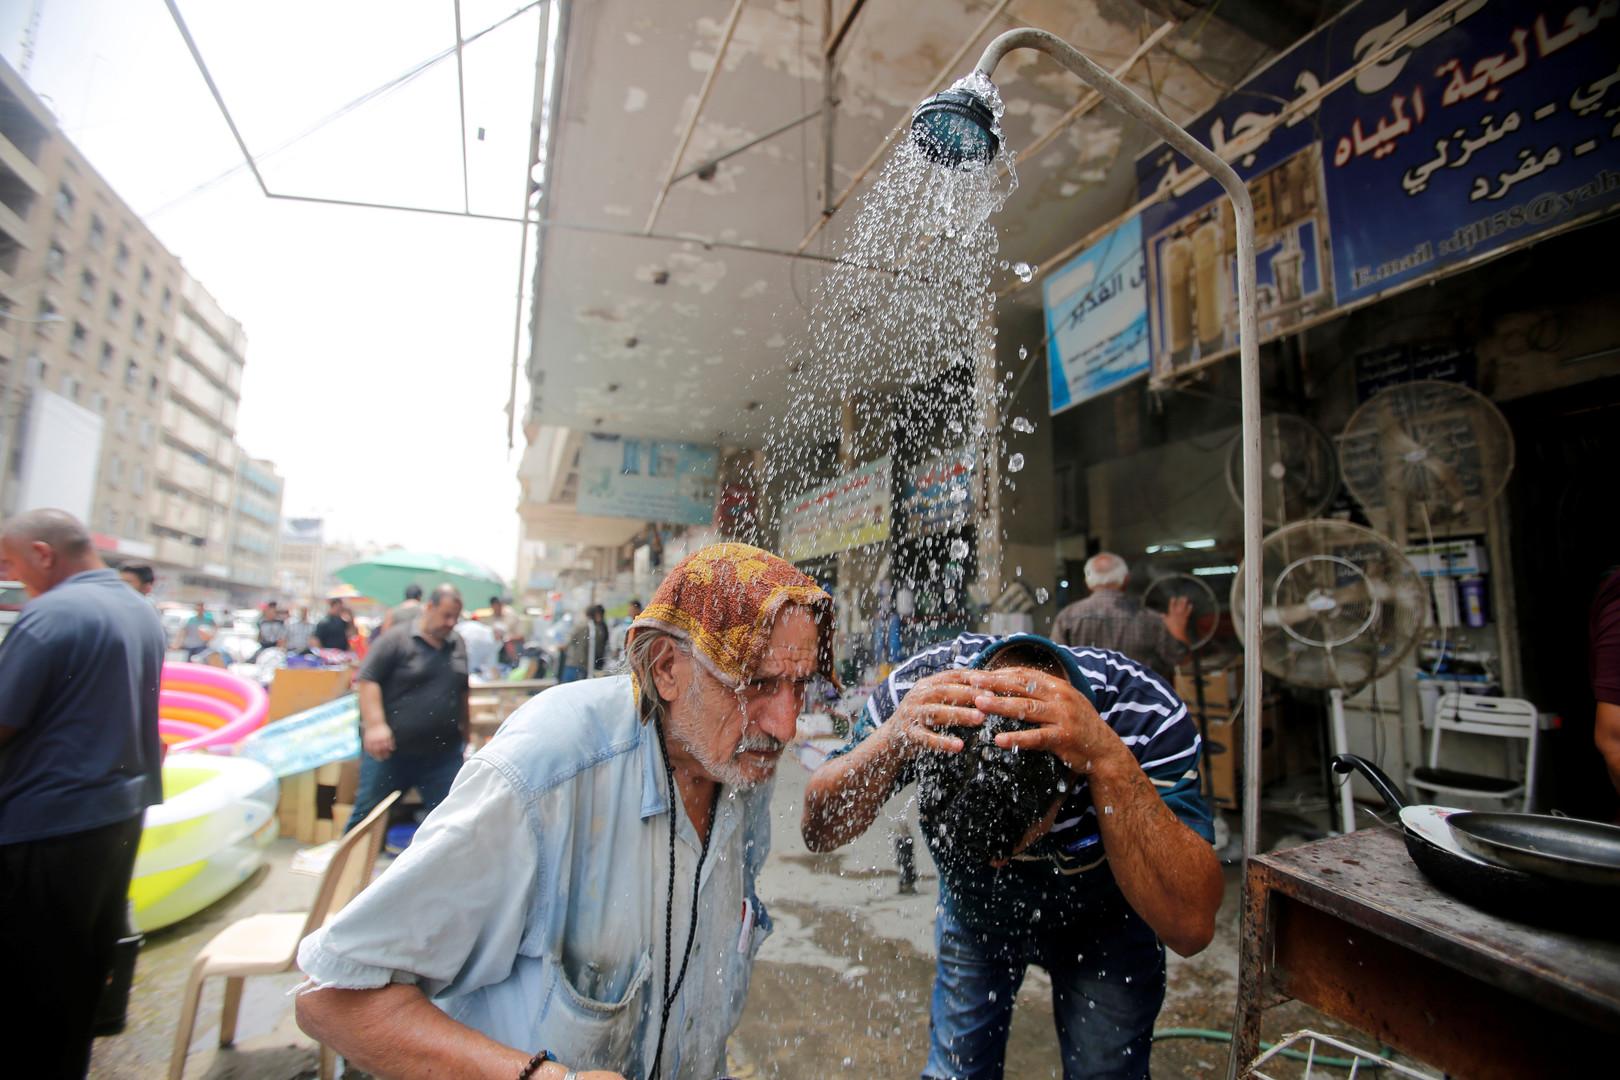 مدينتان عراقية وكويتية تتقاسمان أعلى درجات الحرارة بين دول العالم